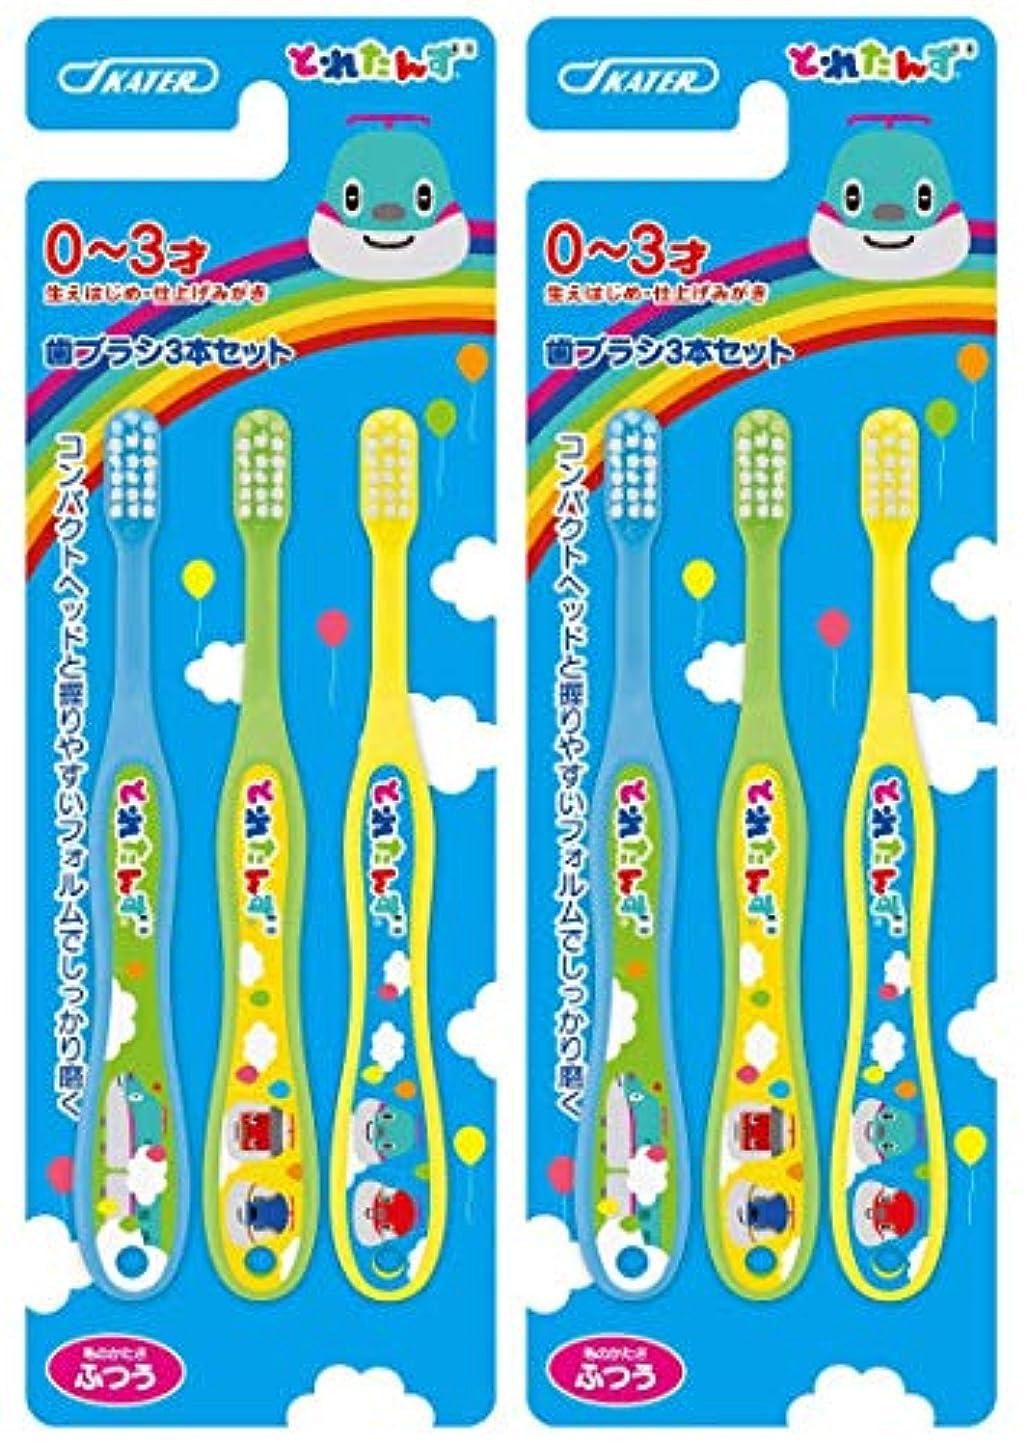 気取らない枝下スケーター 歯ブラシ 幼児期用 0-3才 普通 6本セット (3本セット×2個) とれたんず 15cm TB4T